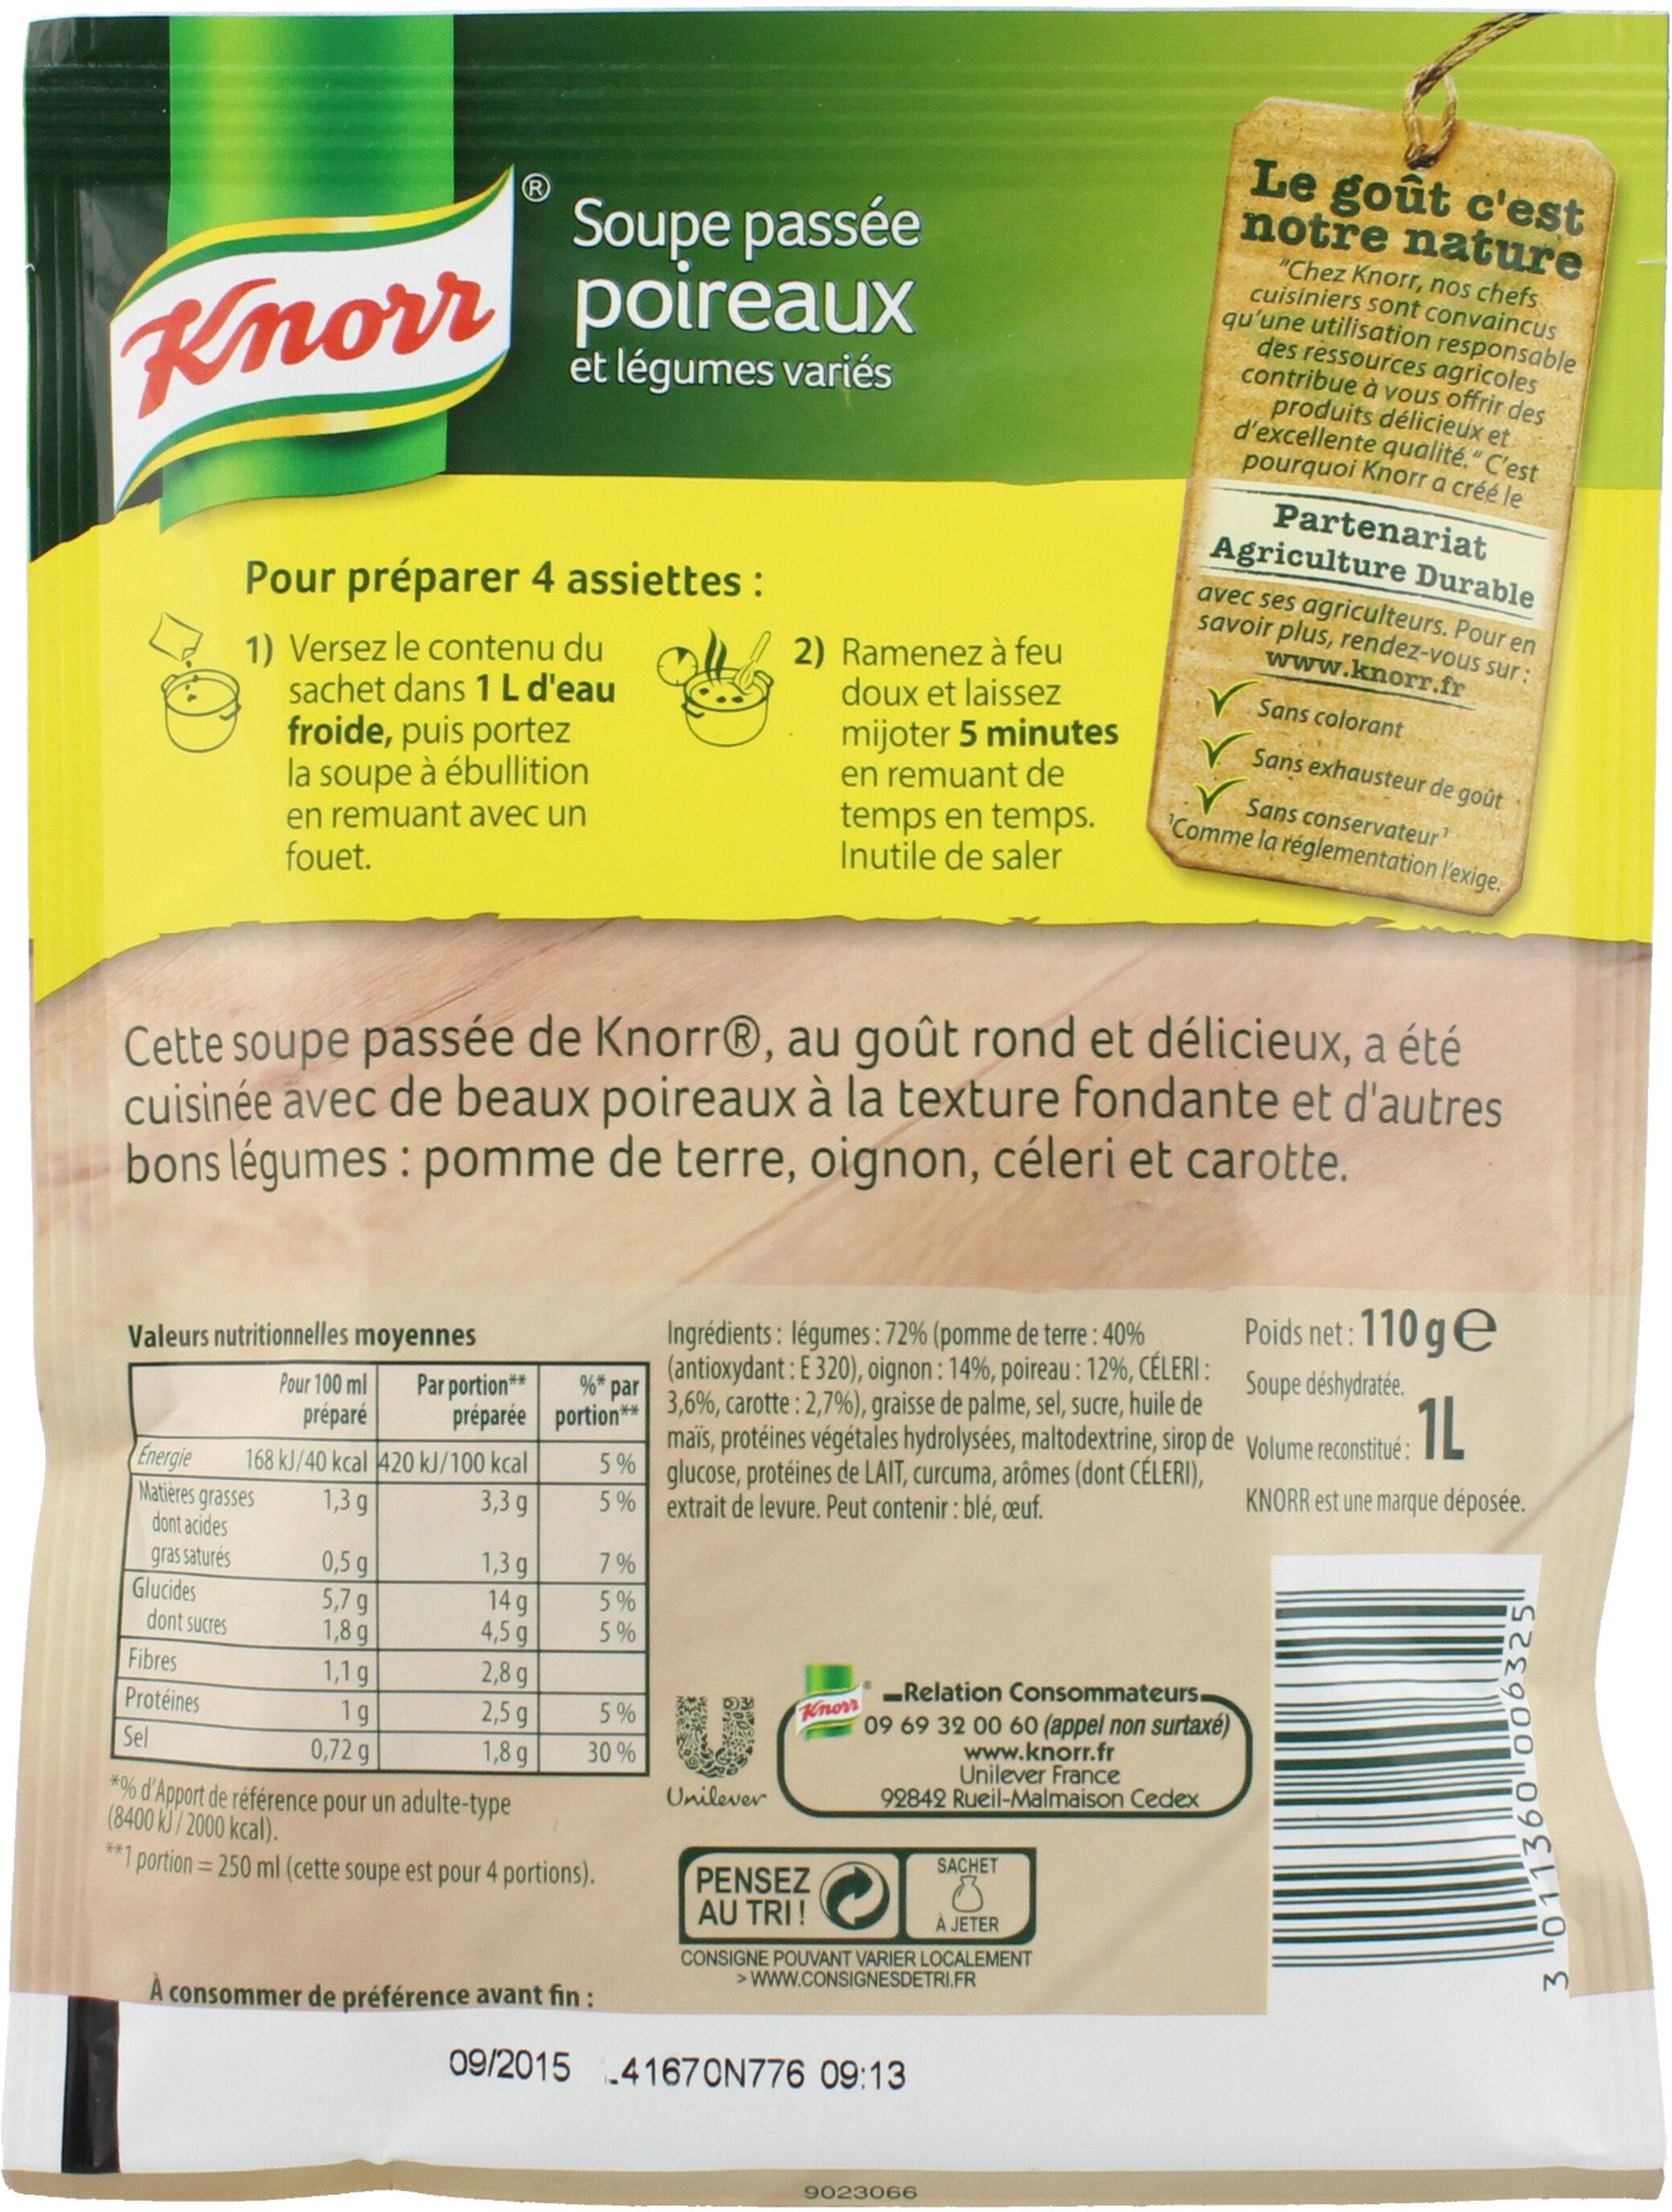 Knorr Soupe Passée Poireaux Légumes Variés 110g 4 Portions - 原材料 - fr